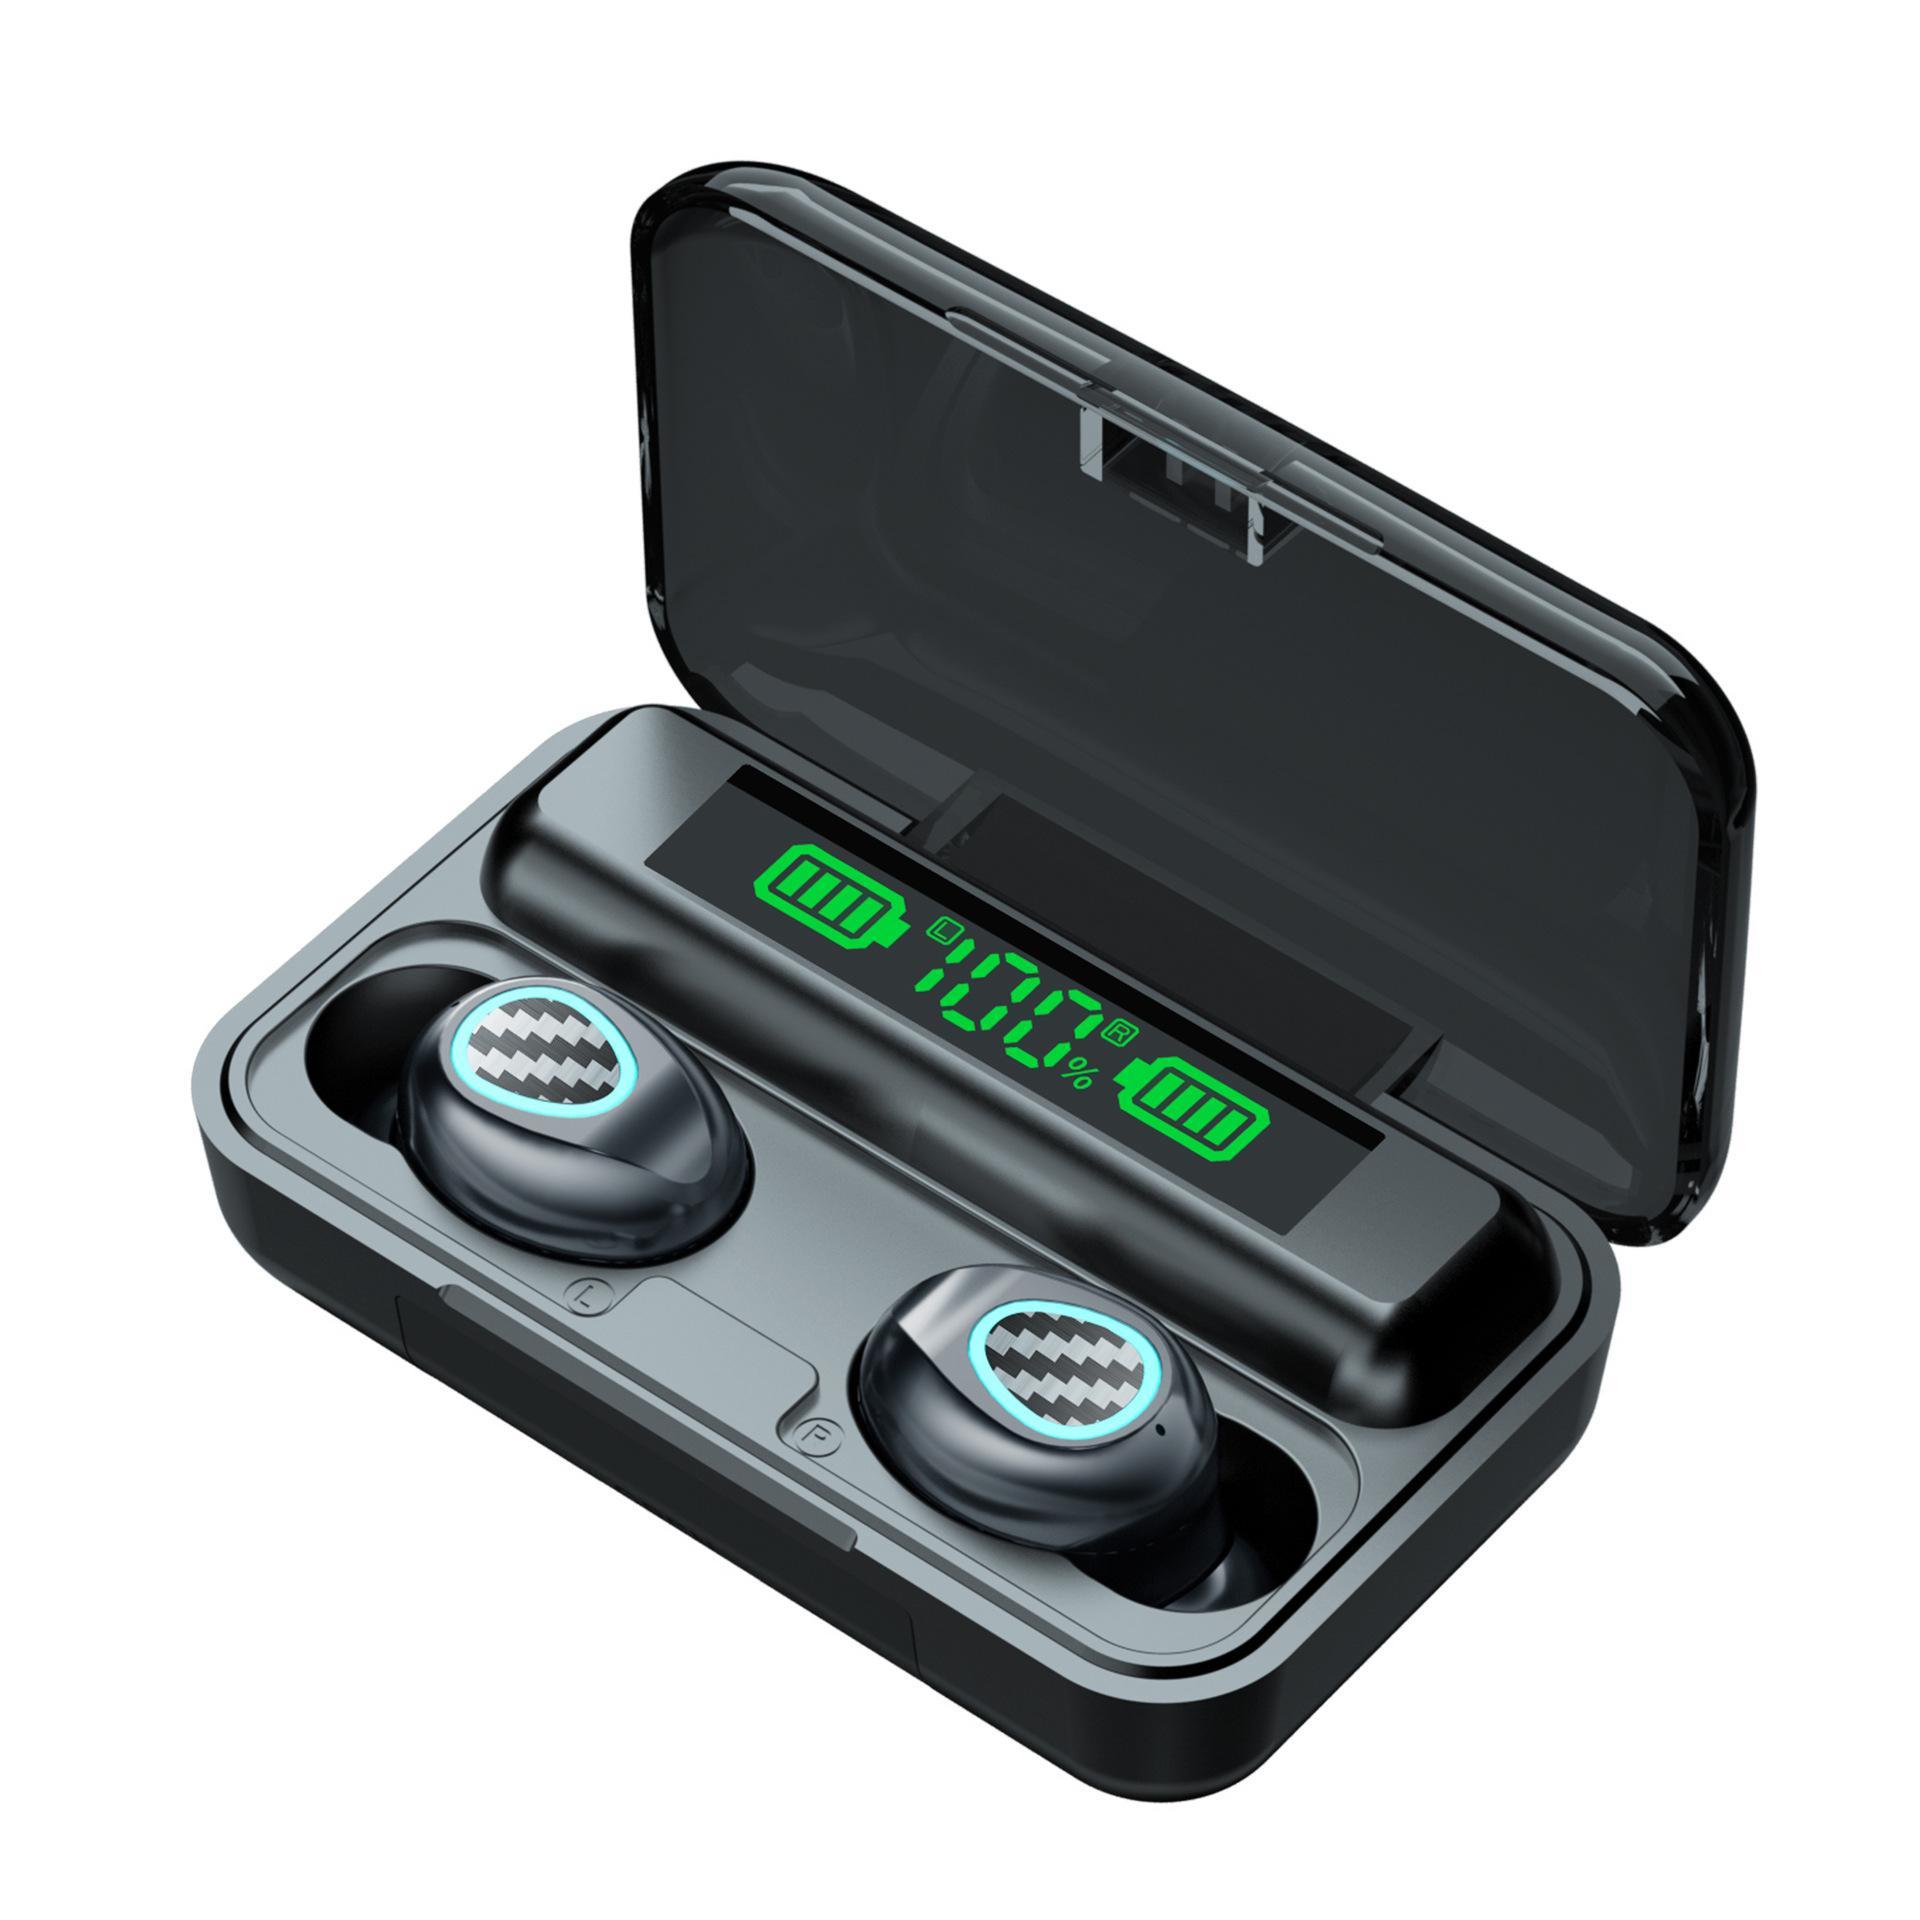 R6 Kablosuz Spor Bluetooth Kulaklık V5.1 Sürüm Mini Dokunmatik TWS Iş Kulaklık ile LED Güç Dijital Ekran